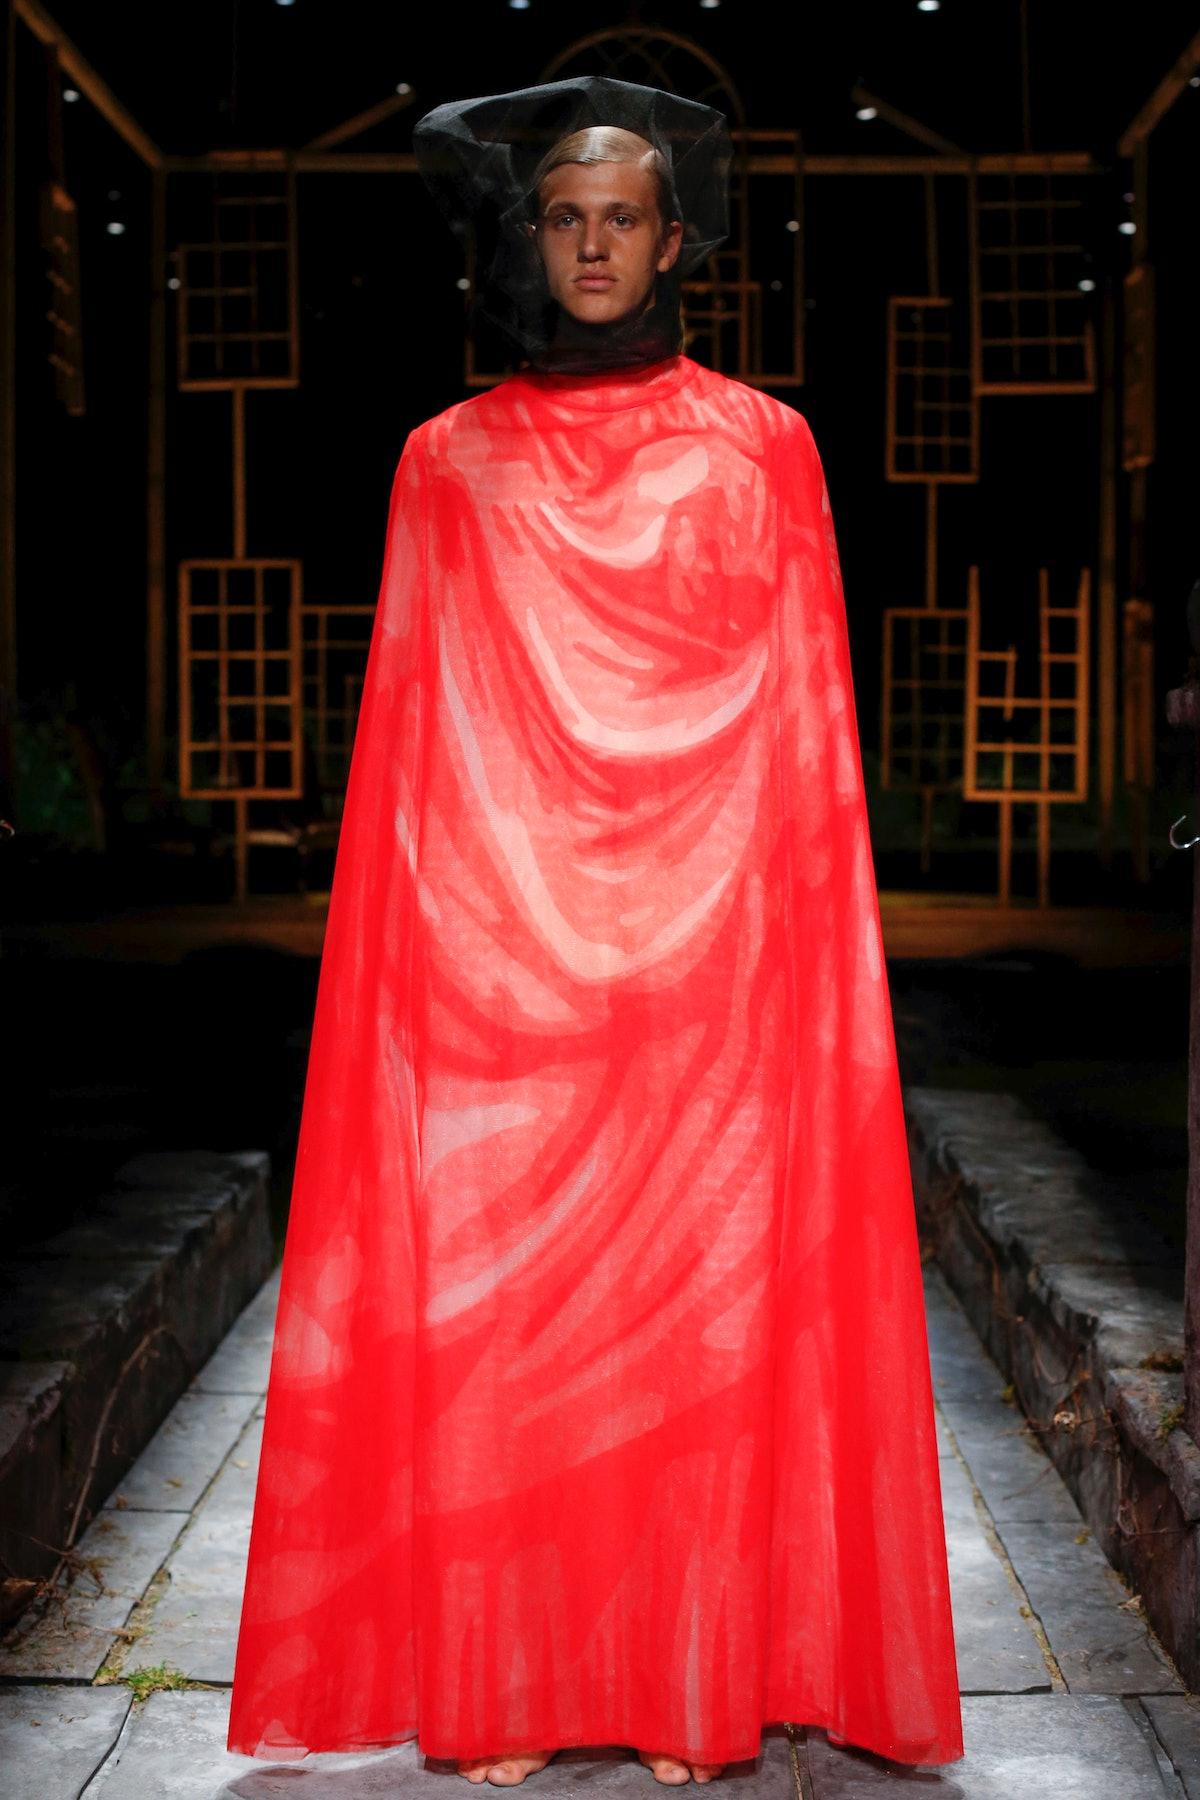 نیویورک ، نیویورک - 11 سپتامبر: یک مدل در طول Thom Browne Ready to Wear Spring روی باند پیاده روی می کند ...